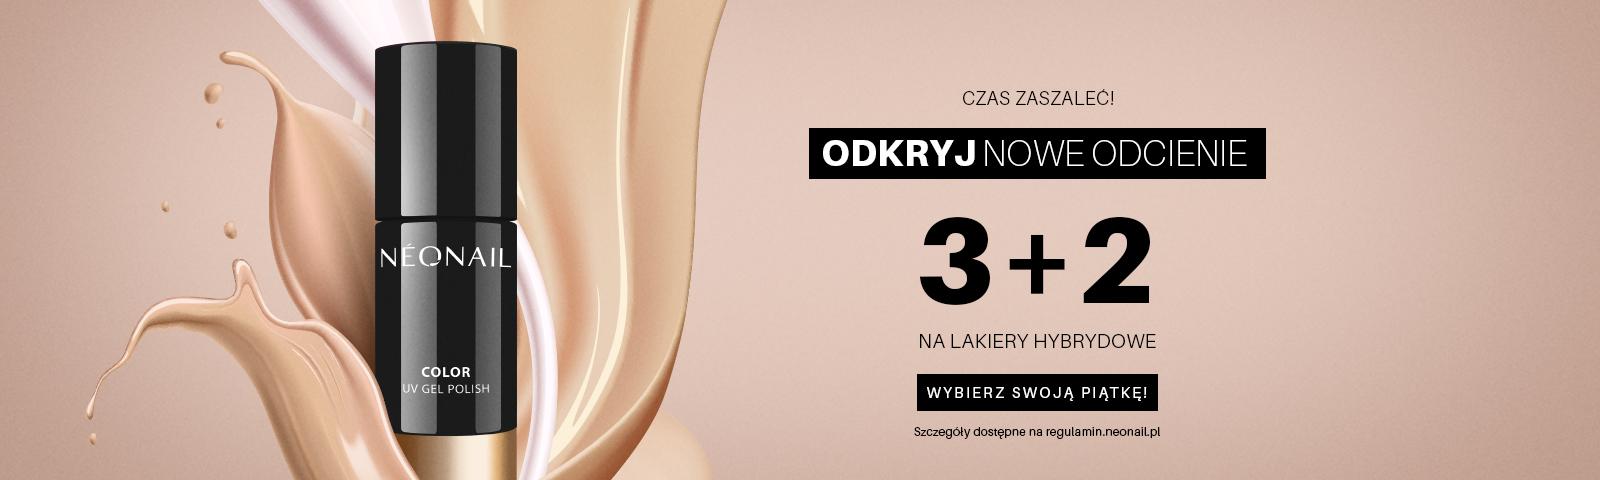 Promocja 3+2 22.01.2021 Odkryj nowe odcienie 3+2 na lakiery hybrydowe  Czas zaszaleć!